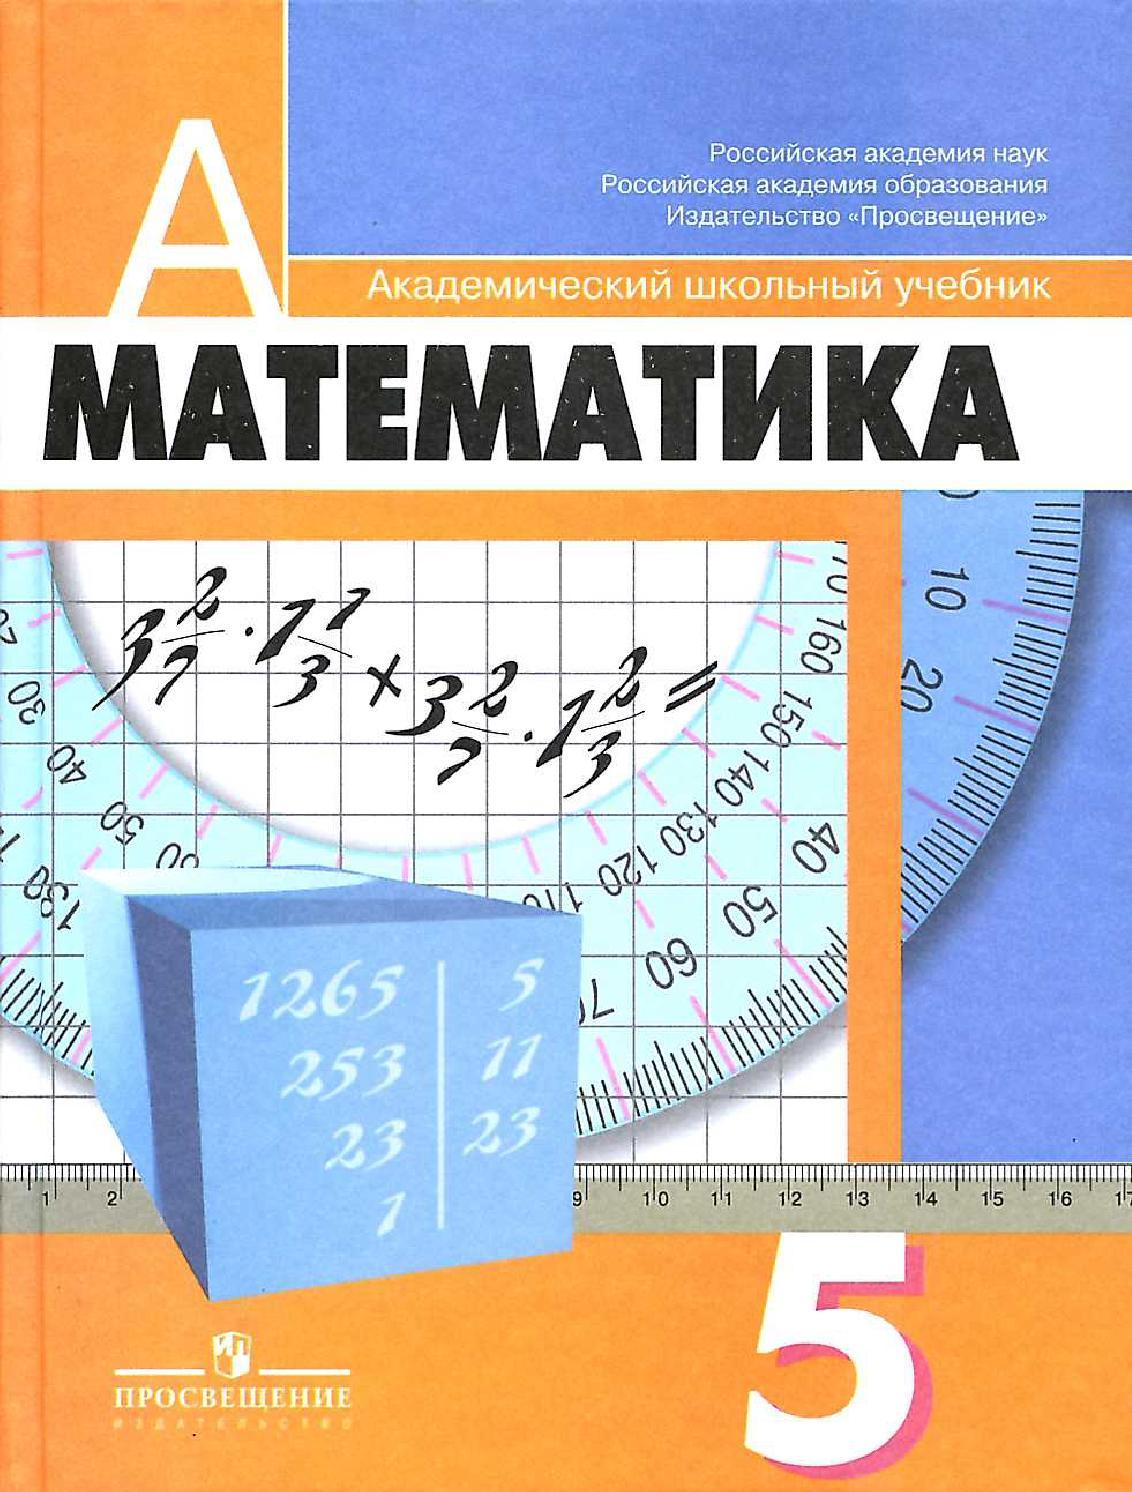 решебник класса математика скачать 5